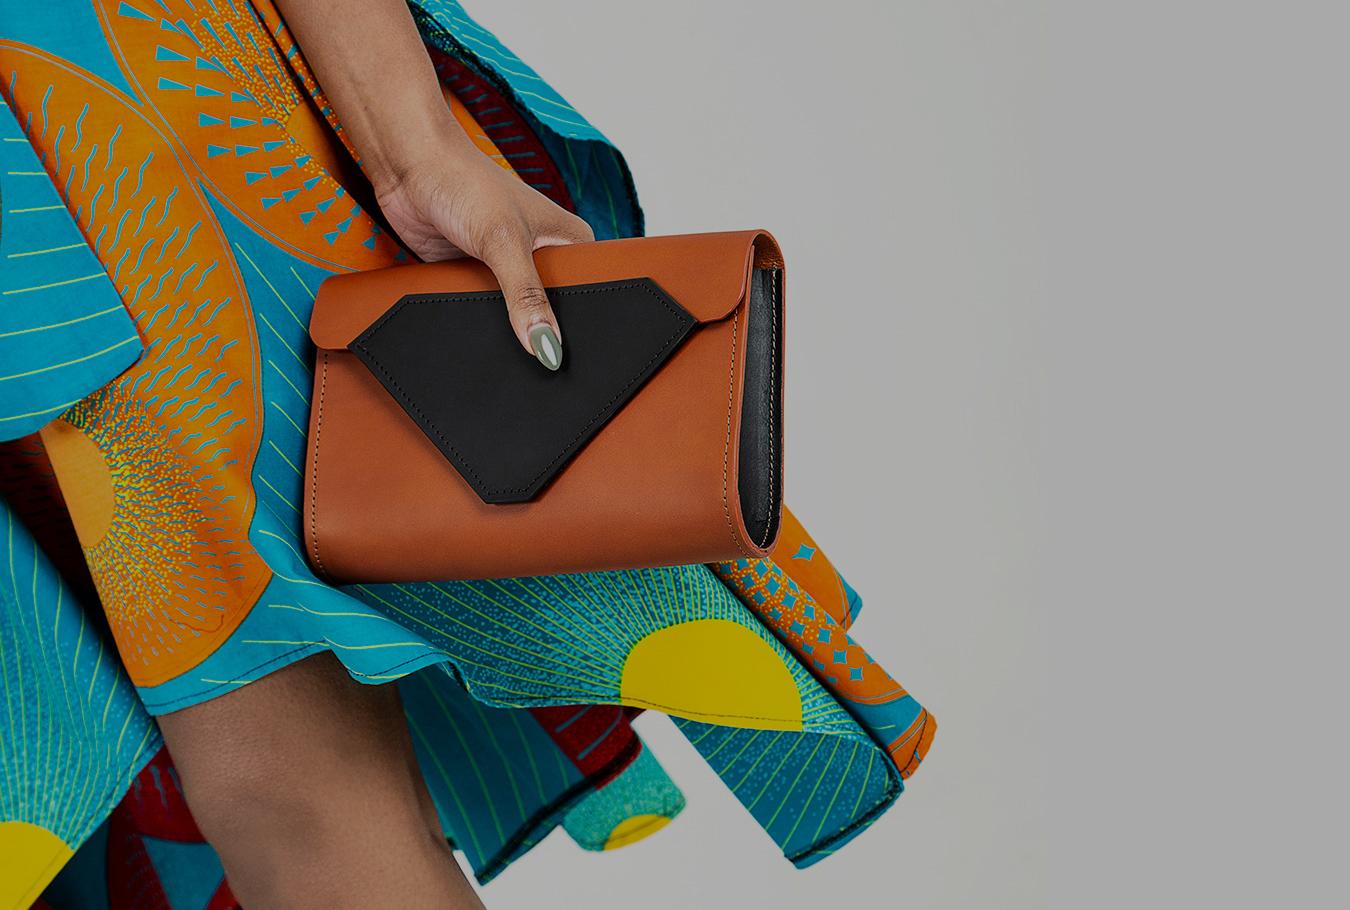 Tatum Diamond London: the leather handbag designer turning the tide on ocean waste